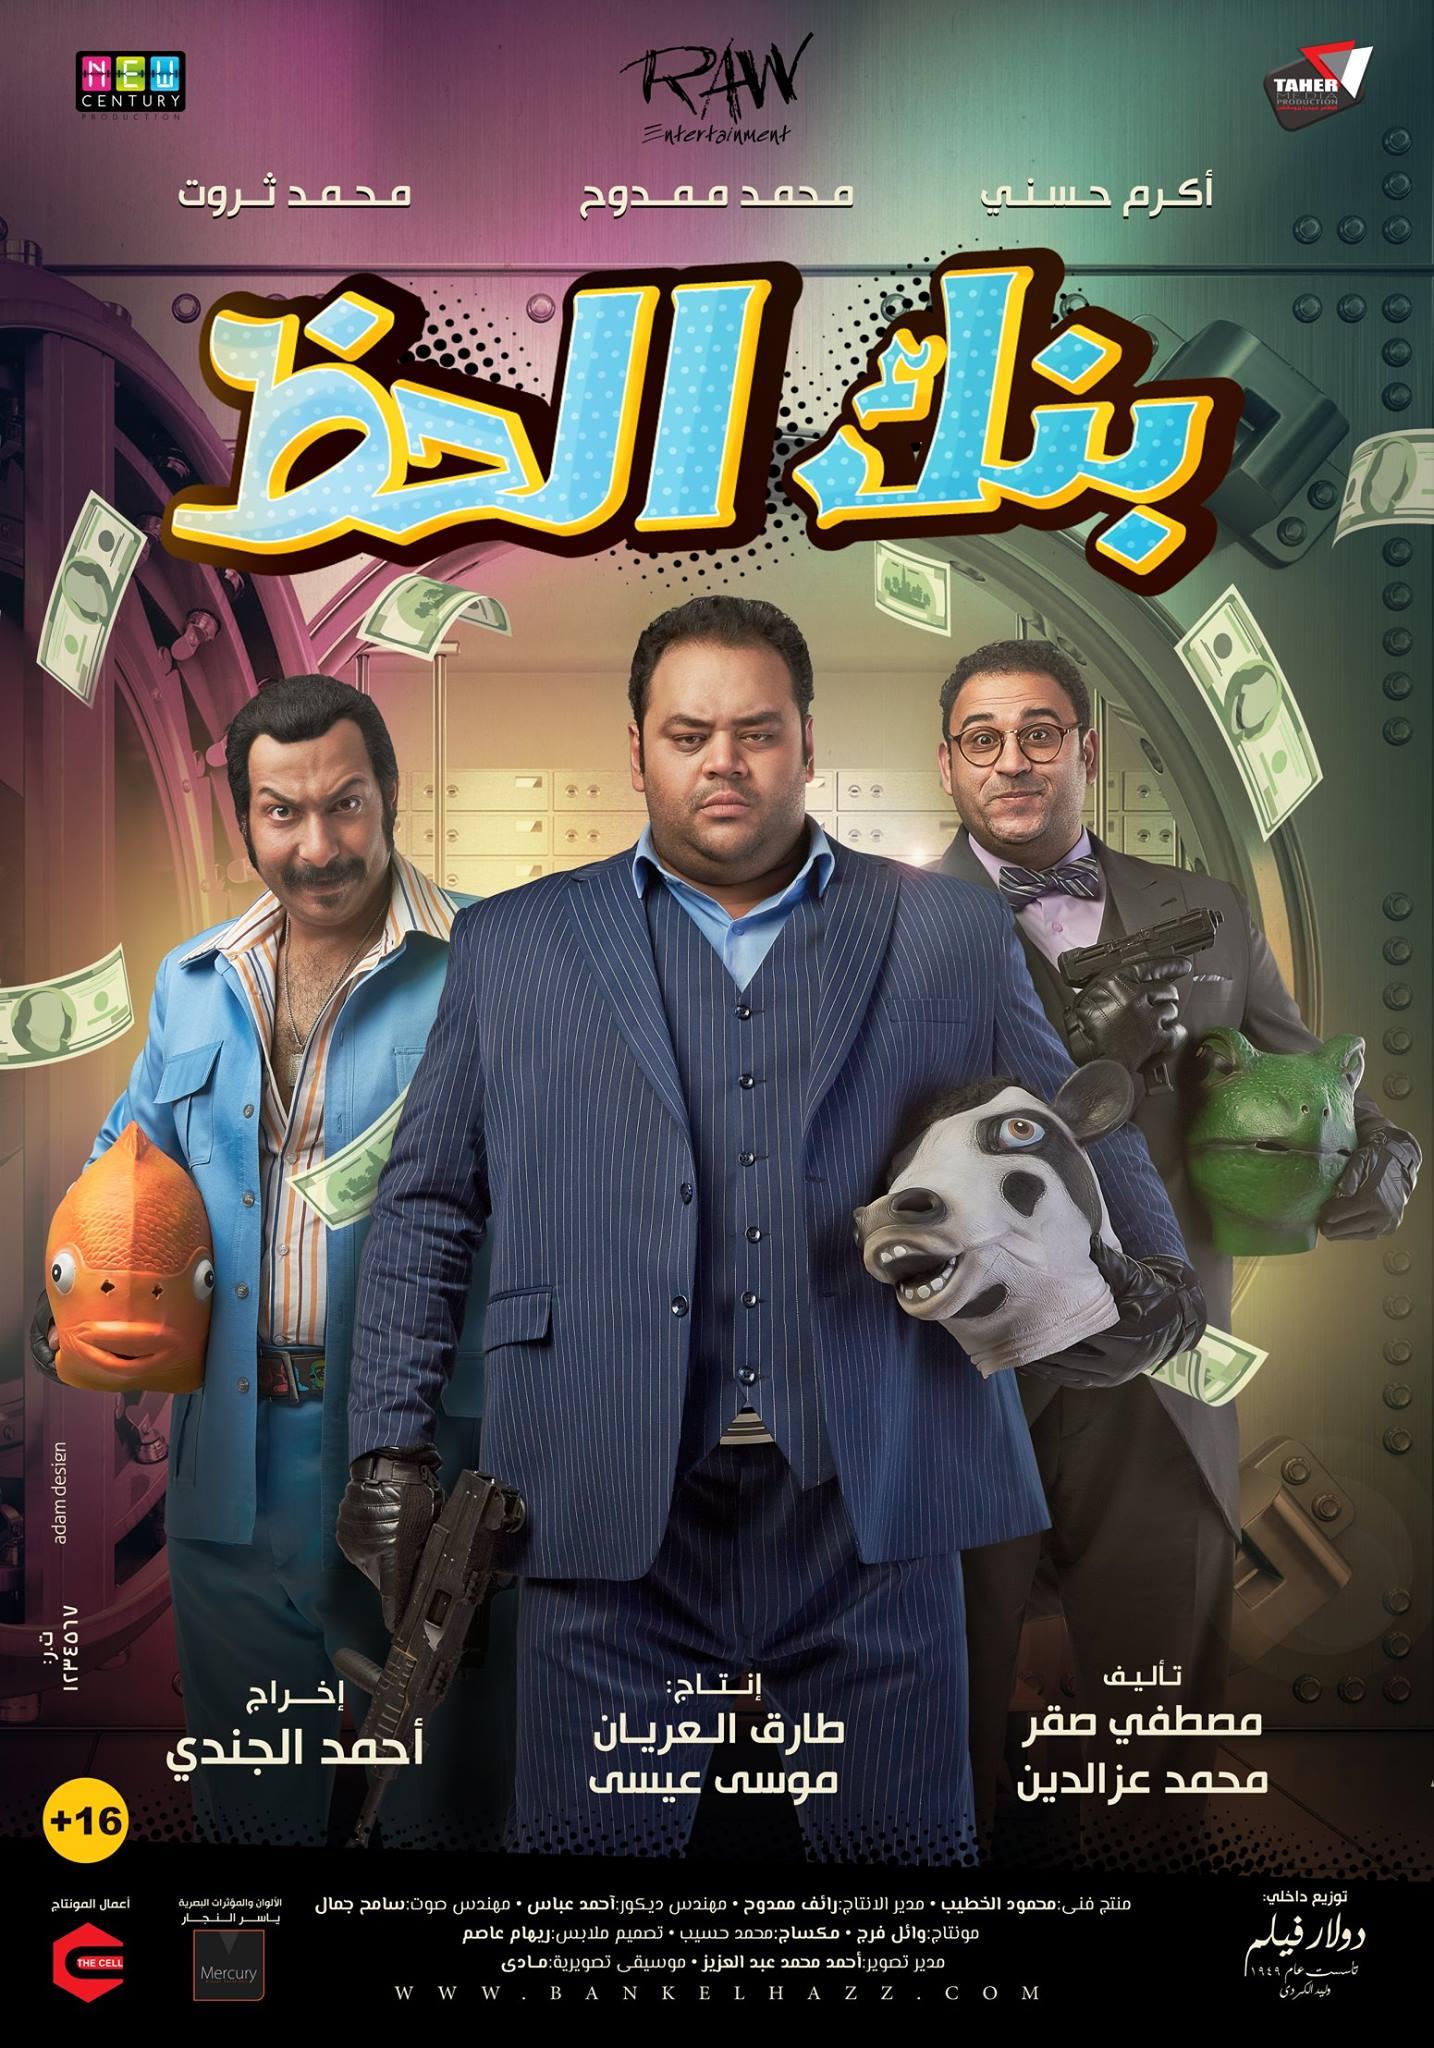 فيلم بنك الحظ كامل محمد ممدوح